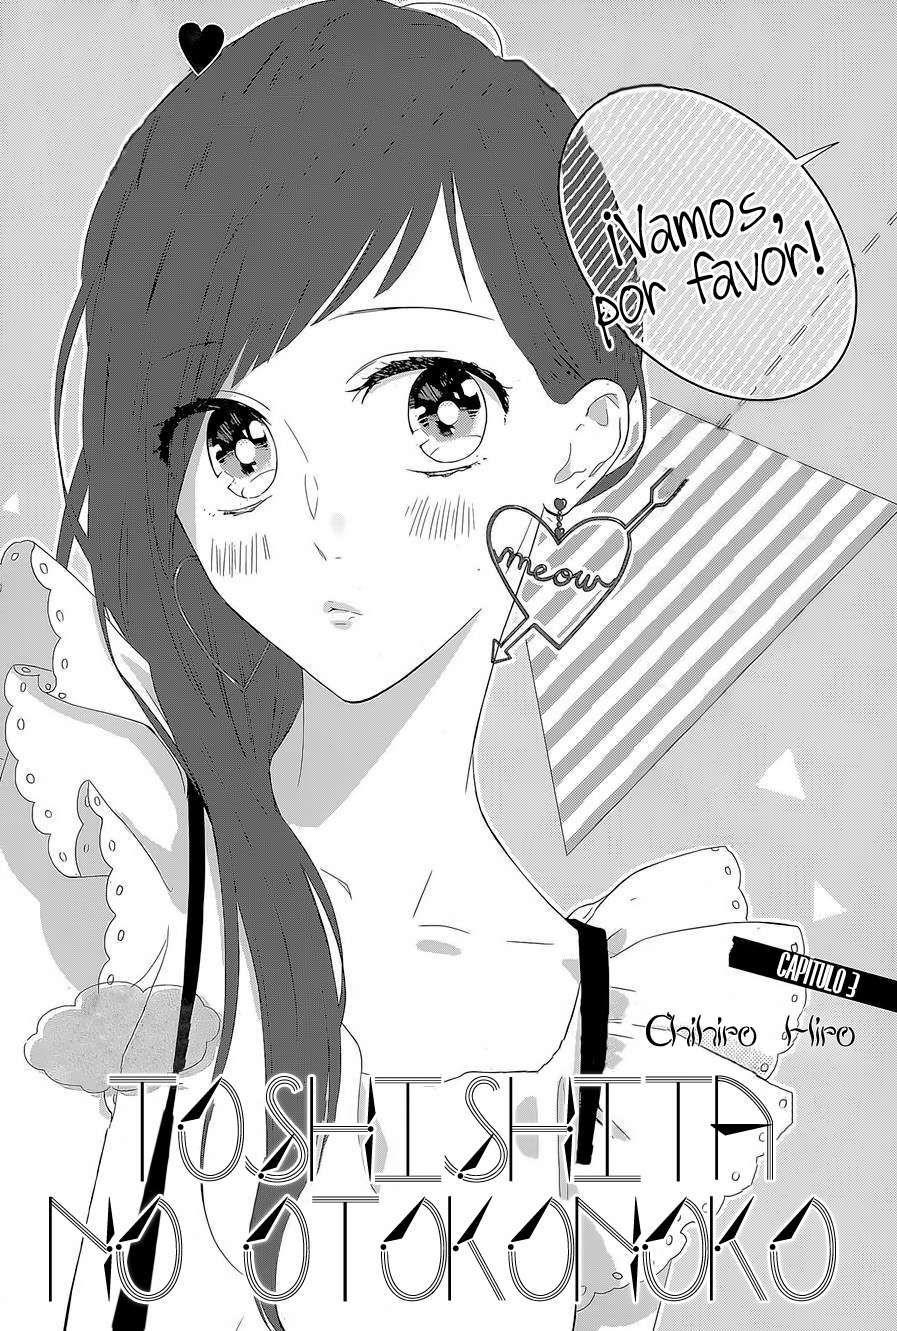 Toshishita no Otokonoko Capítulo 3 página 3 - Leer Manga en Español gratis en NineManga.com